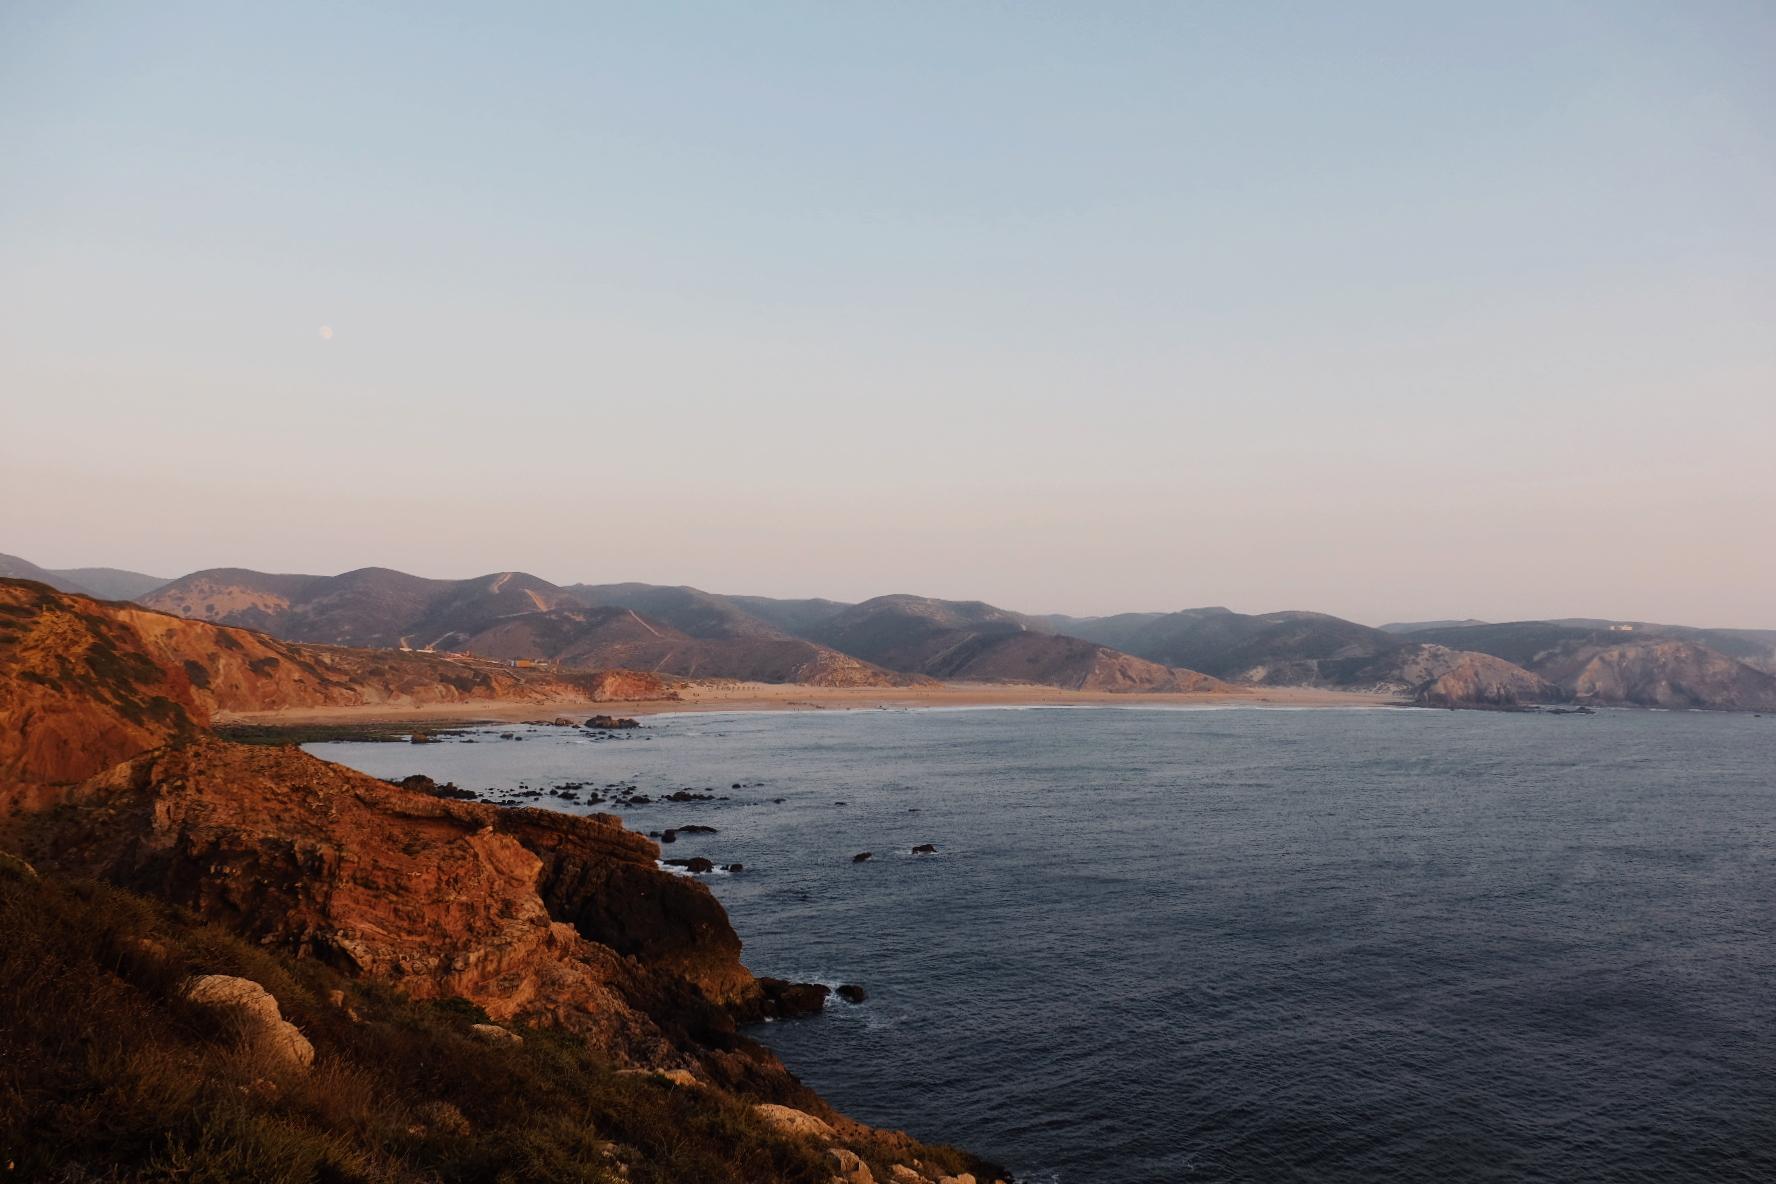 galerie photo Découvrez un condensé des plus belles photos de ce voyage au Portugal